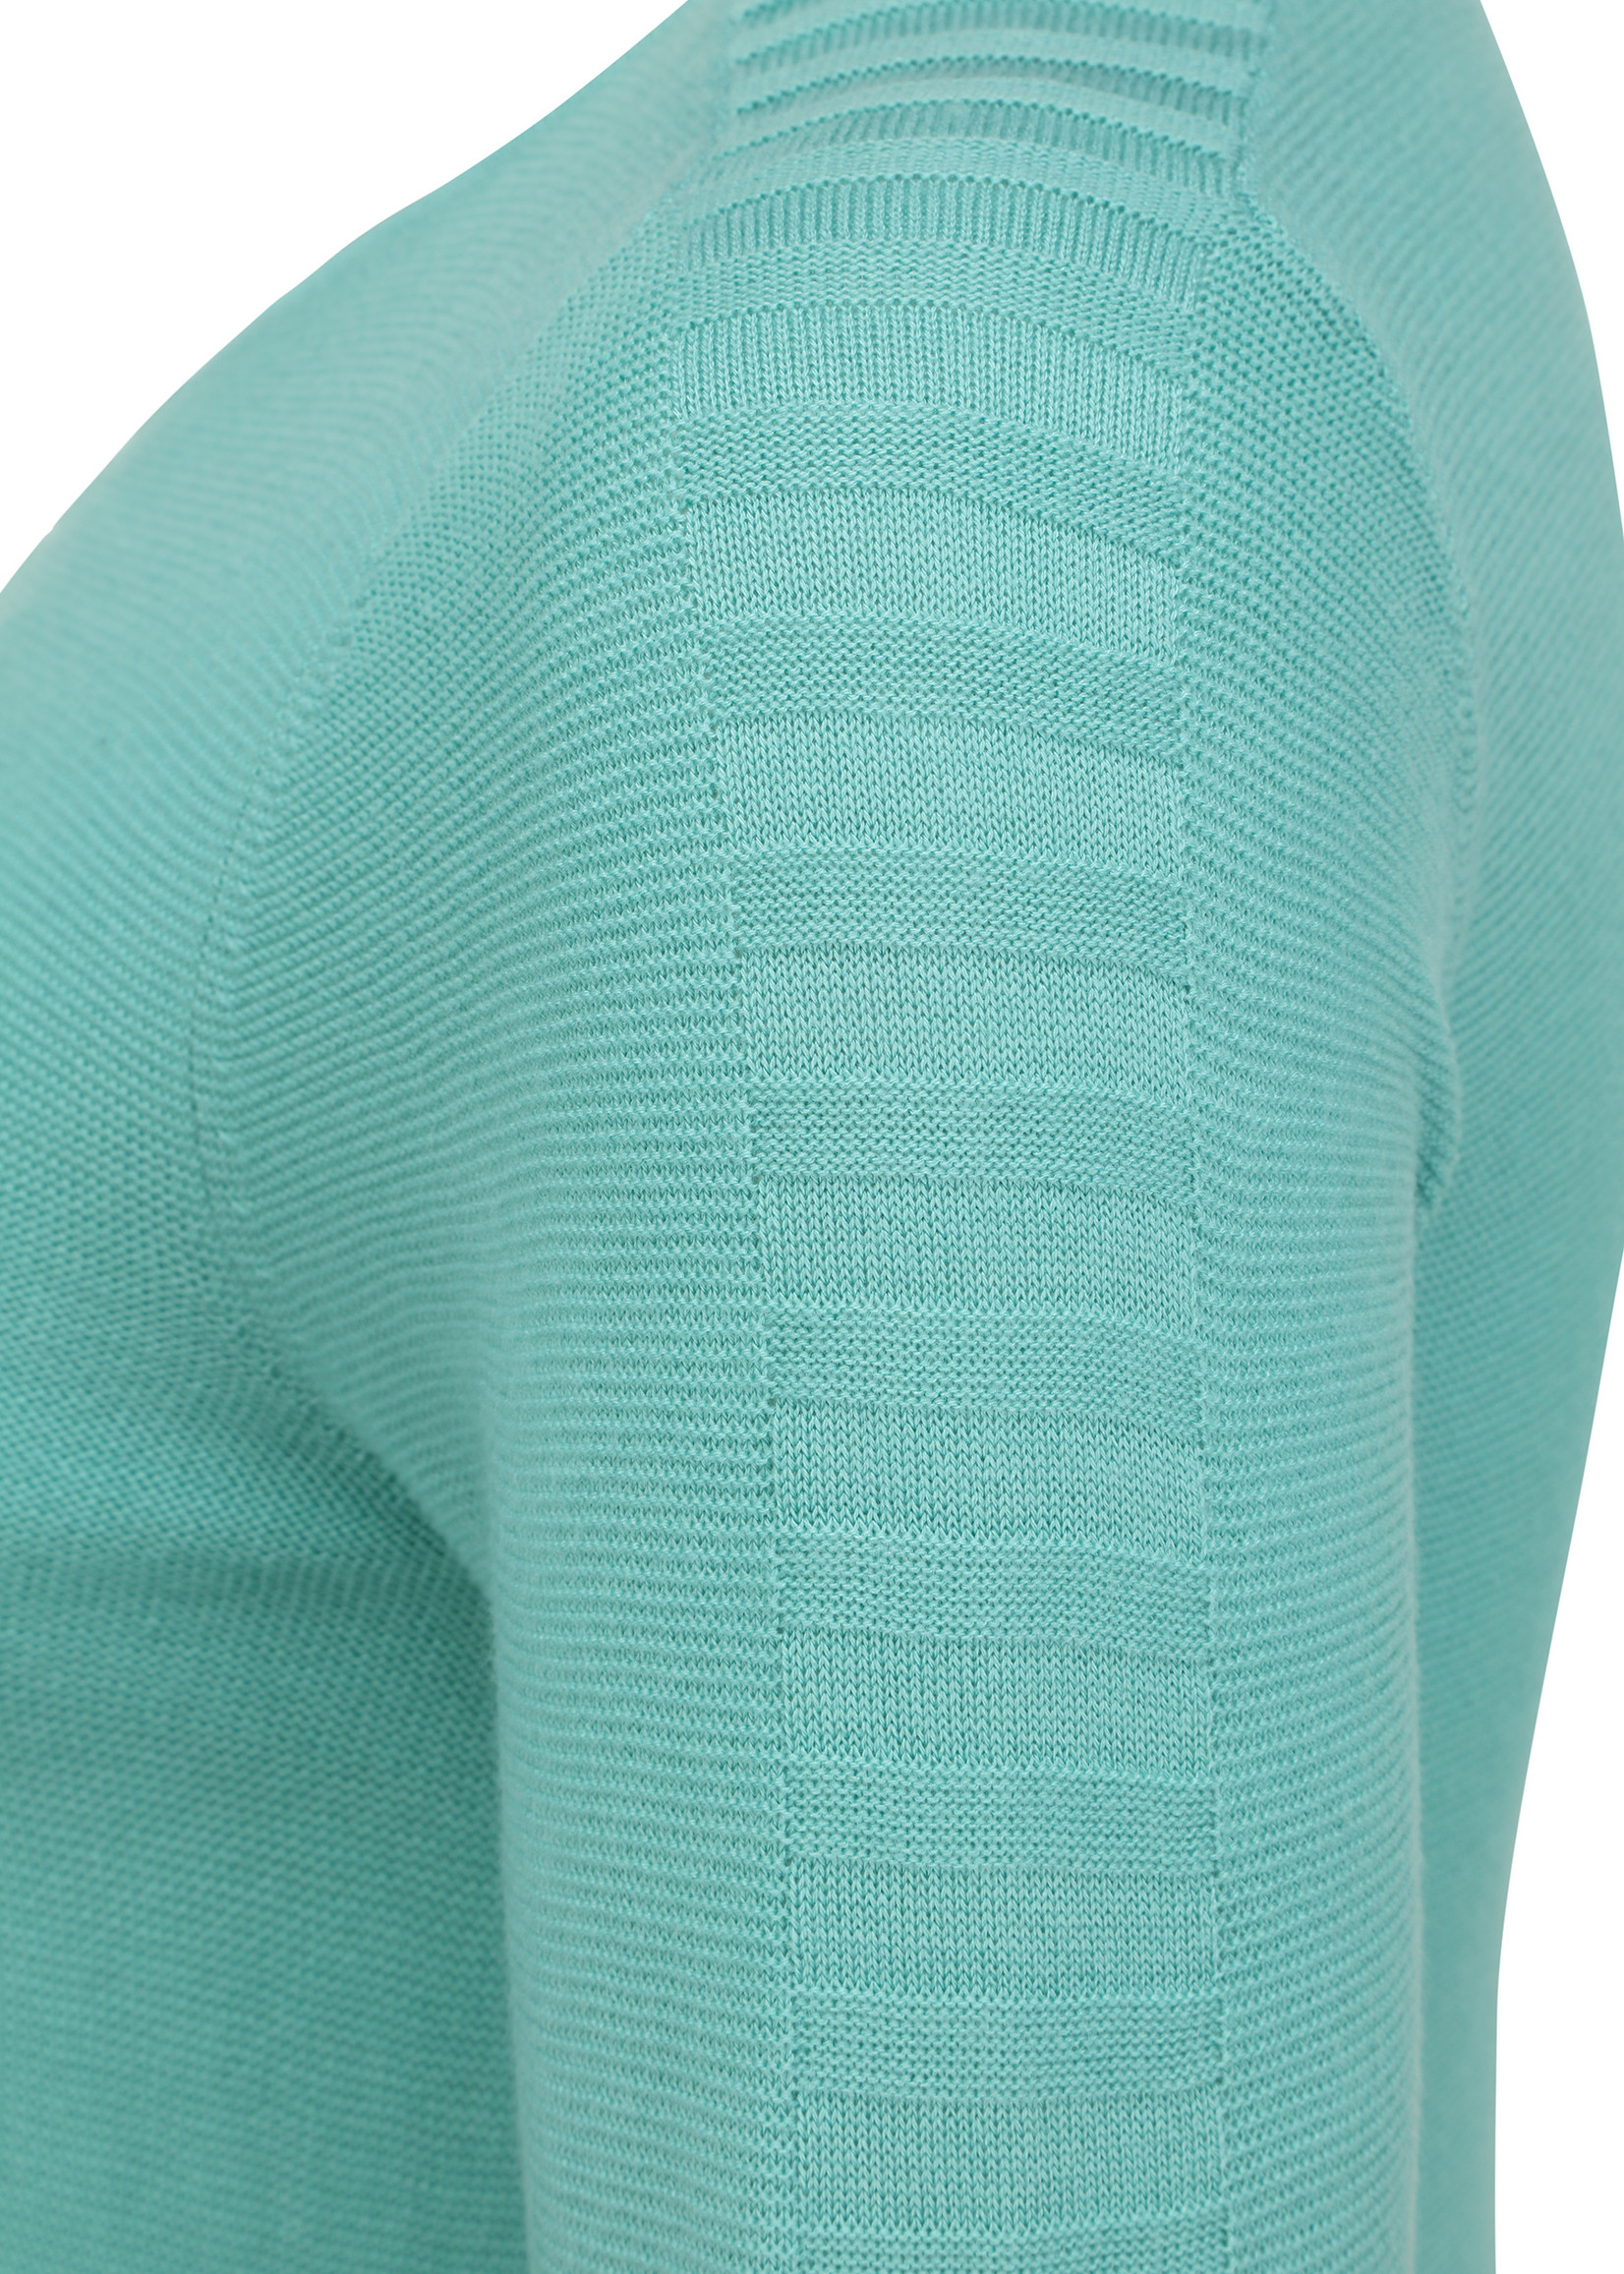 Doris Streich Pullover met ingebreid streepje mouw en voorpand